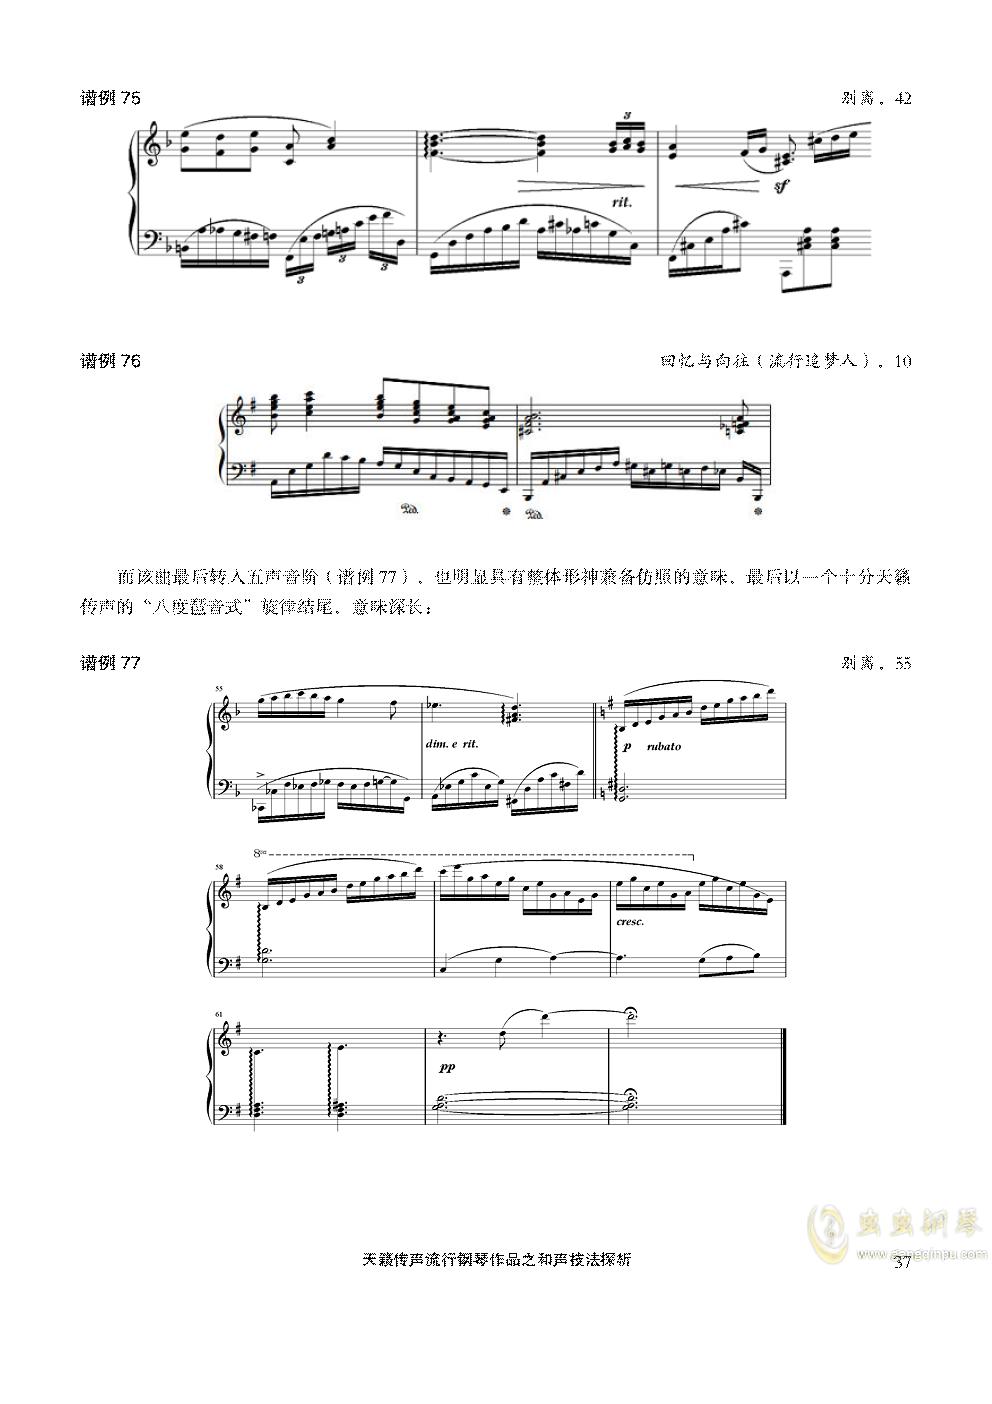 天籁传声和声技法探析钢琴谱 第37页